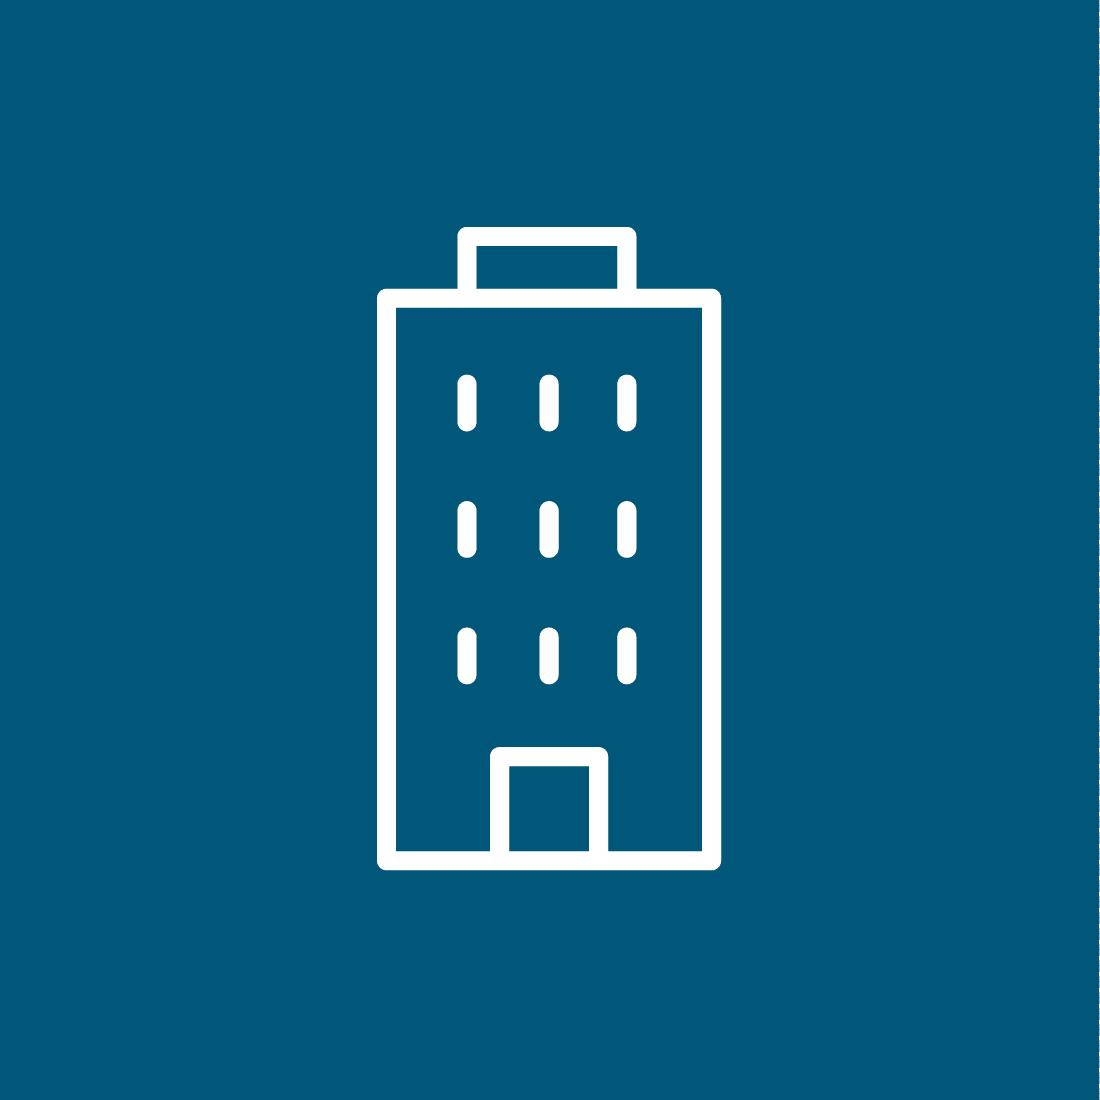 Nordwand_Symbole_Firmen_Startseite-1.png